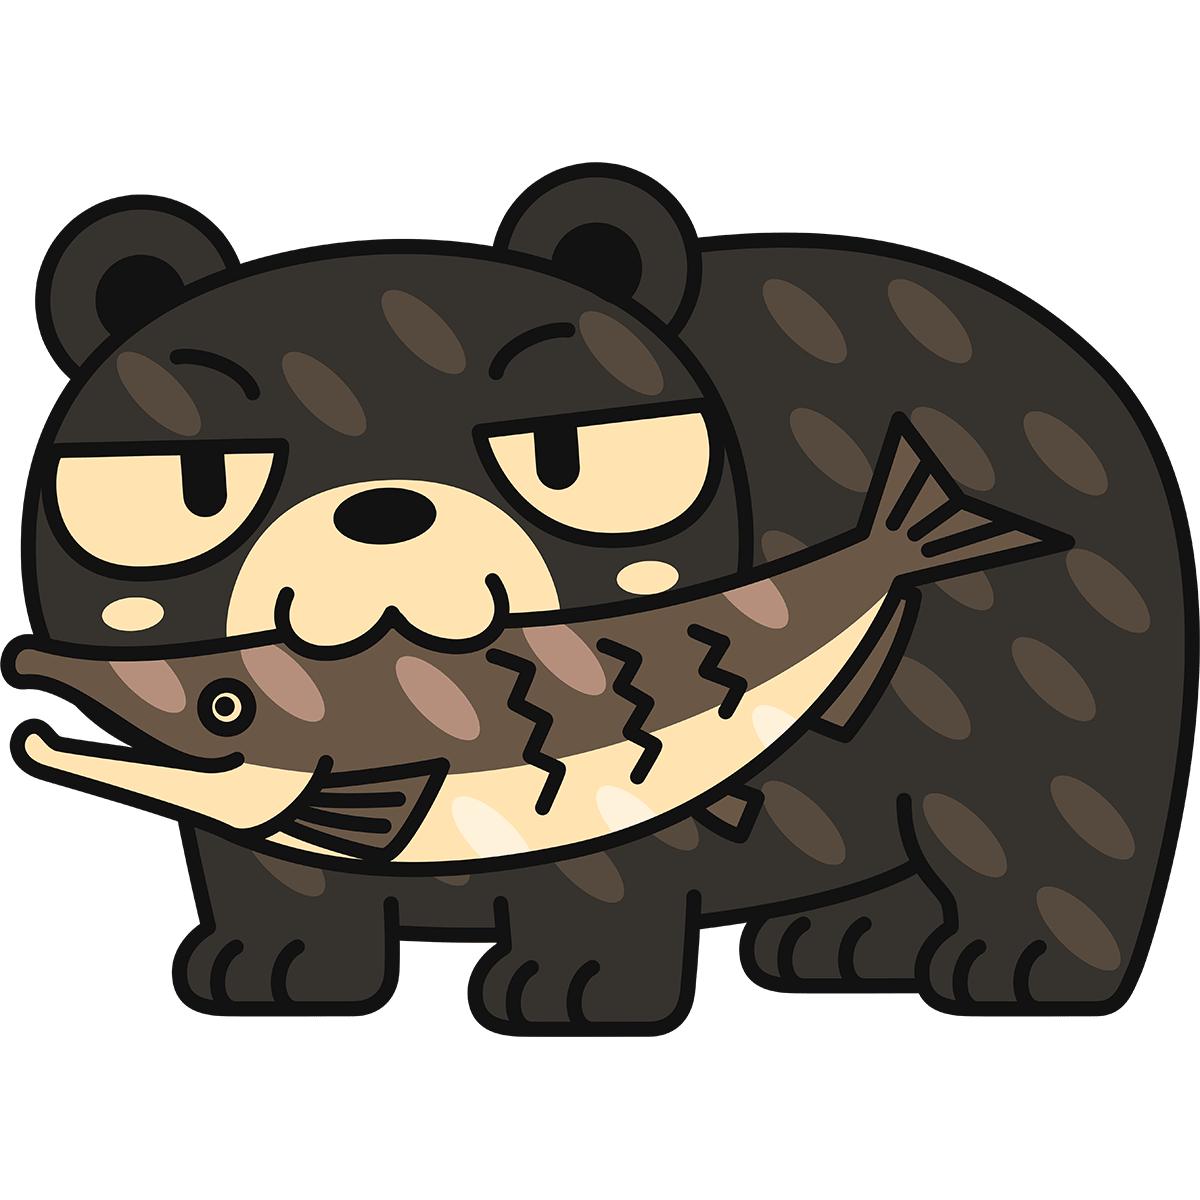 木彫りの熊の無料イラスト